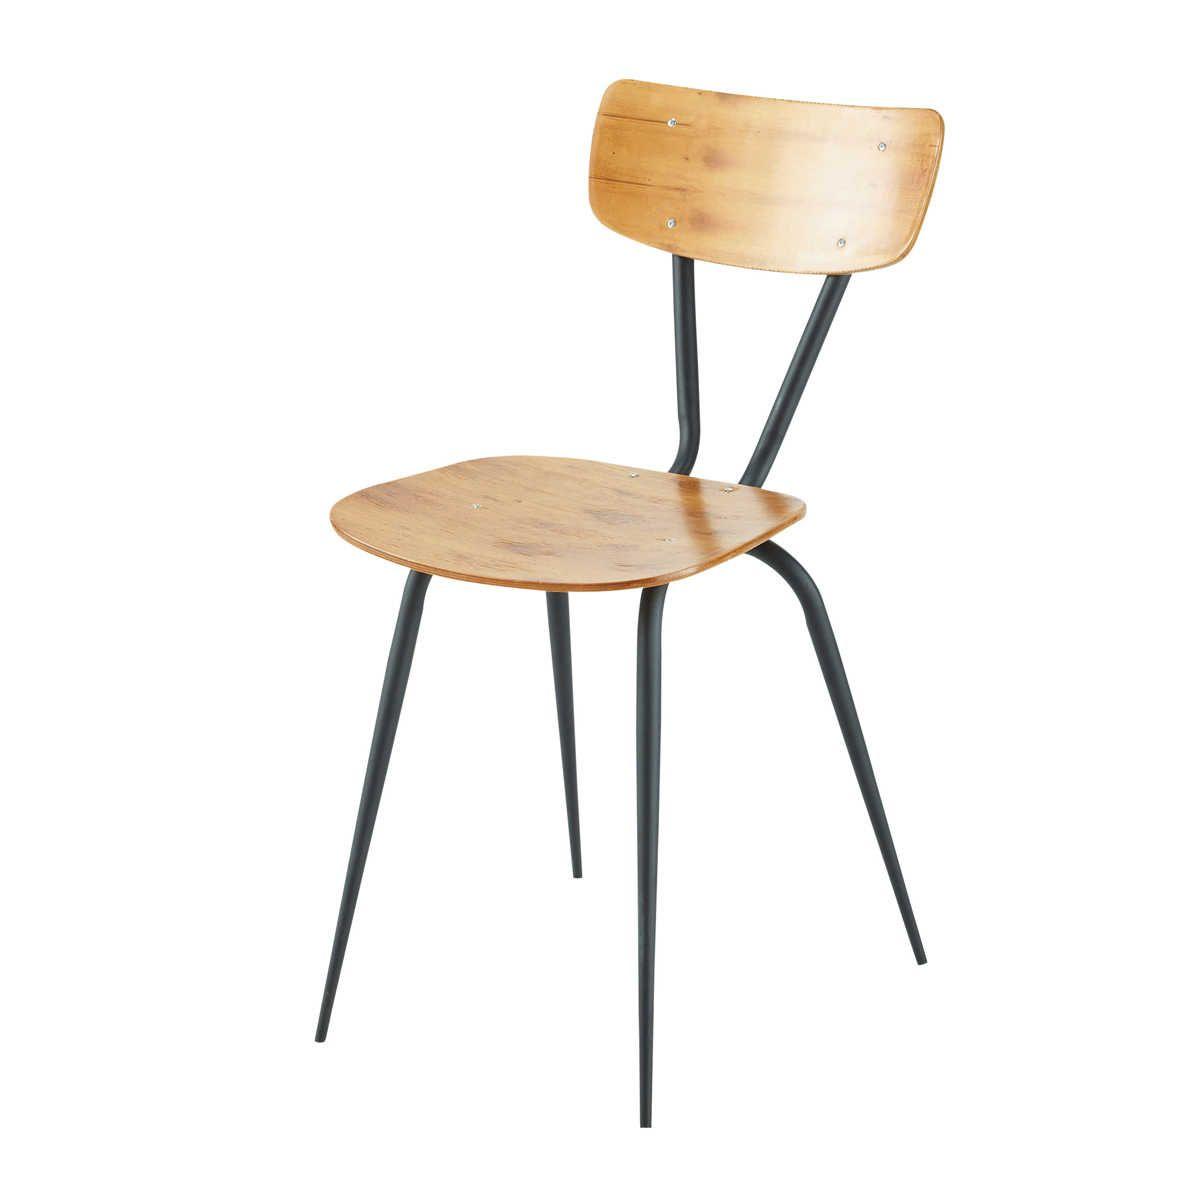 chaise vintage ferry maison du monde 79 99 le lot de. Black Bedroom Furniture Sets. Home Design Ideas